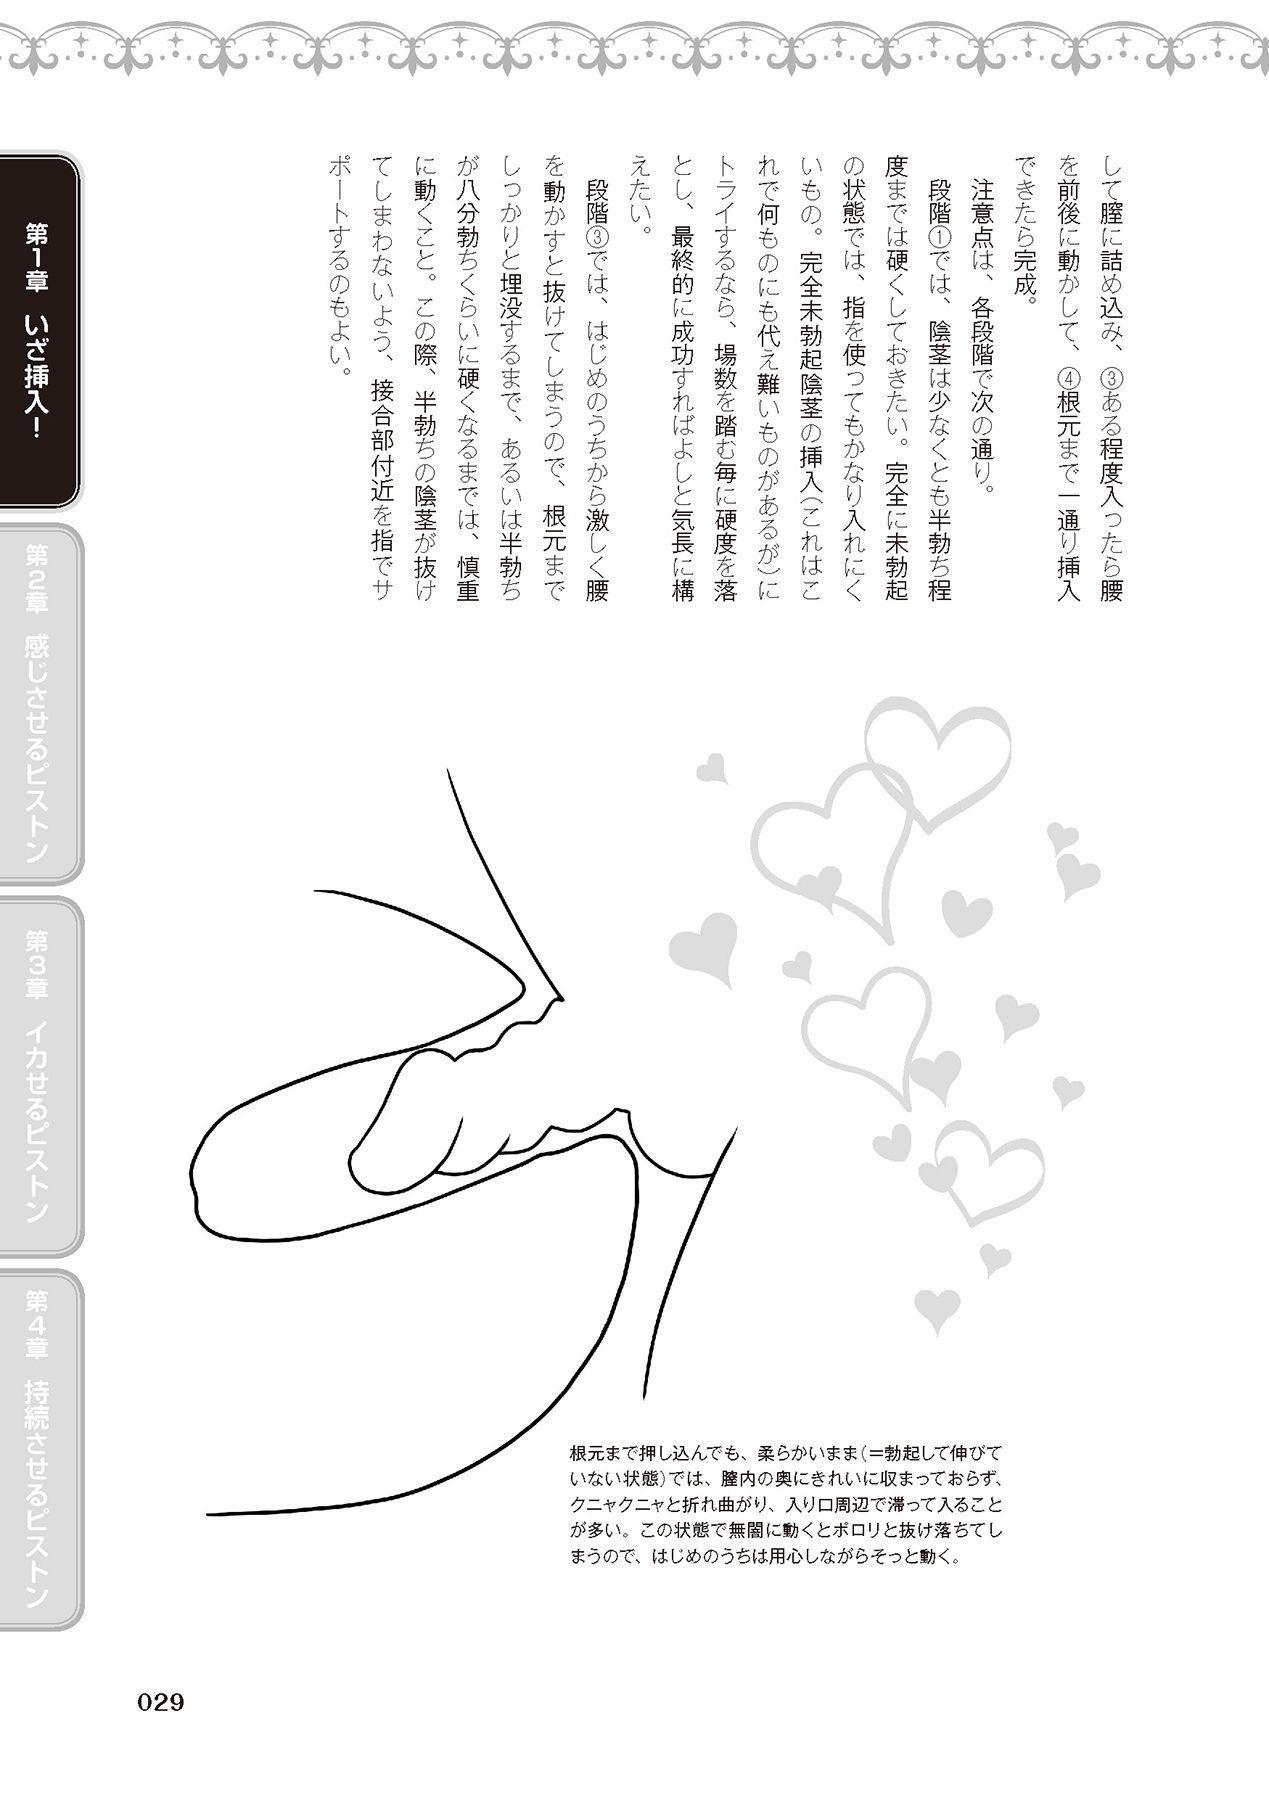 膣挿入&ピストン運動完全マニュアル イラスト版……ピスとんッ! 30